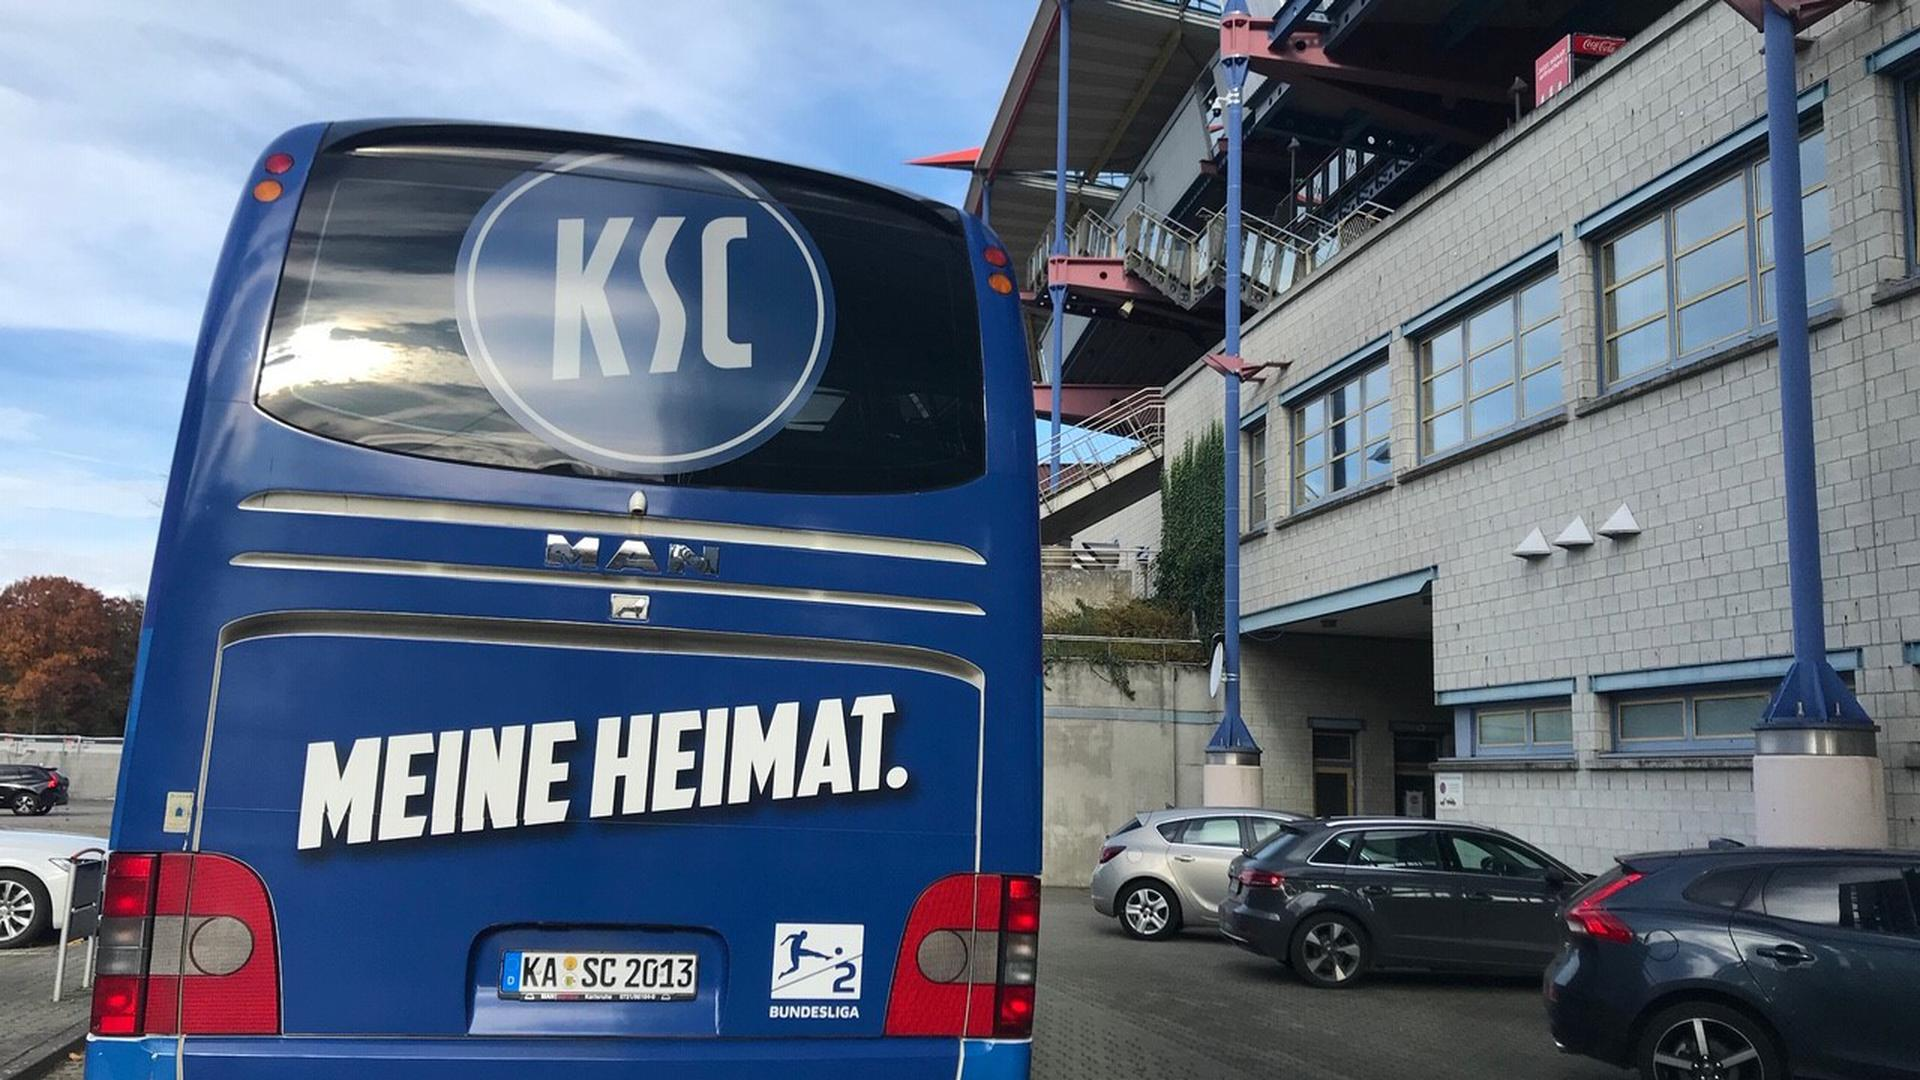 Anreise im Mannschaftsbus: Spieler, Trainer- und Betreuerteam fahren bereits am Freitag nach Hamburg, wo am Sonntag der FC St. Pauli als Gegner wartet.